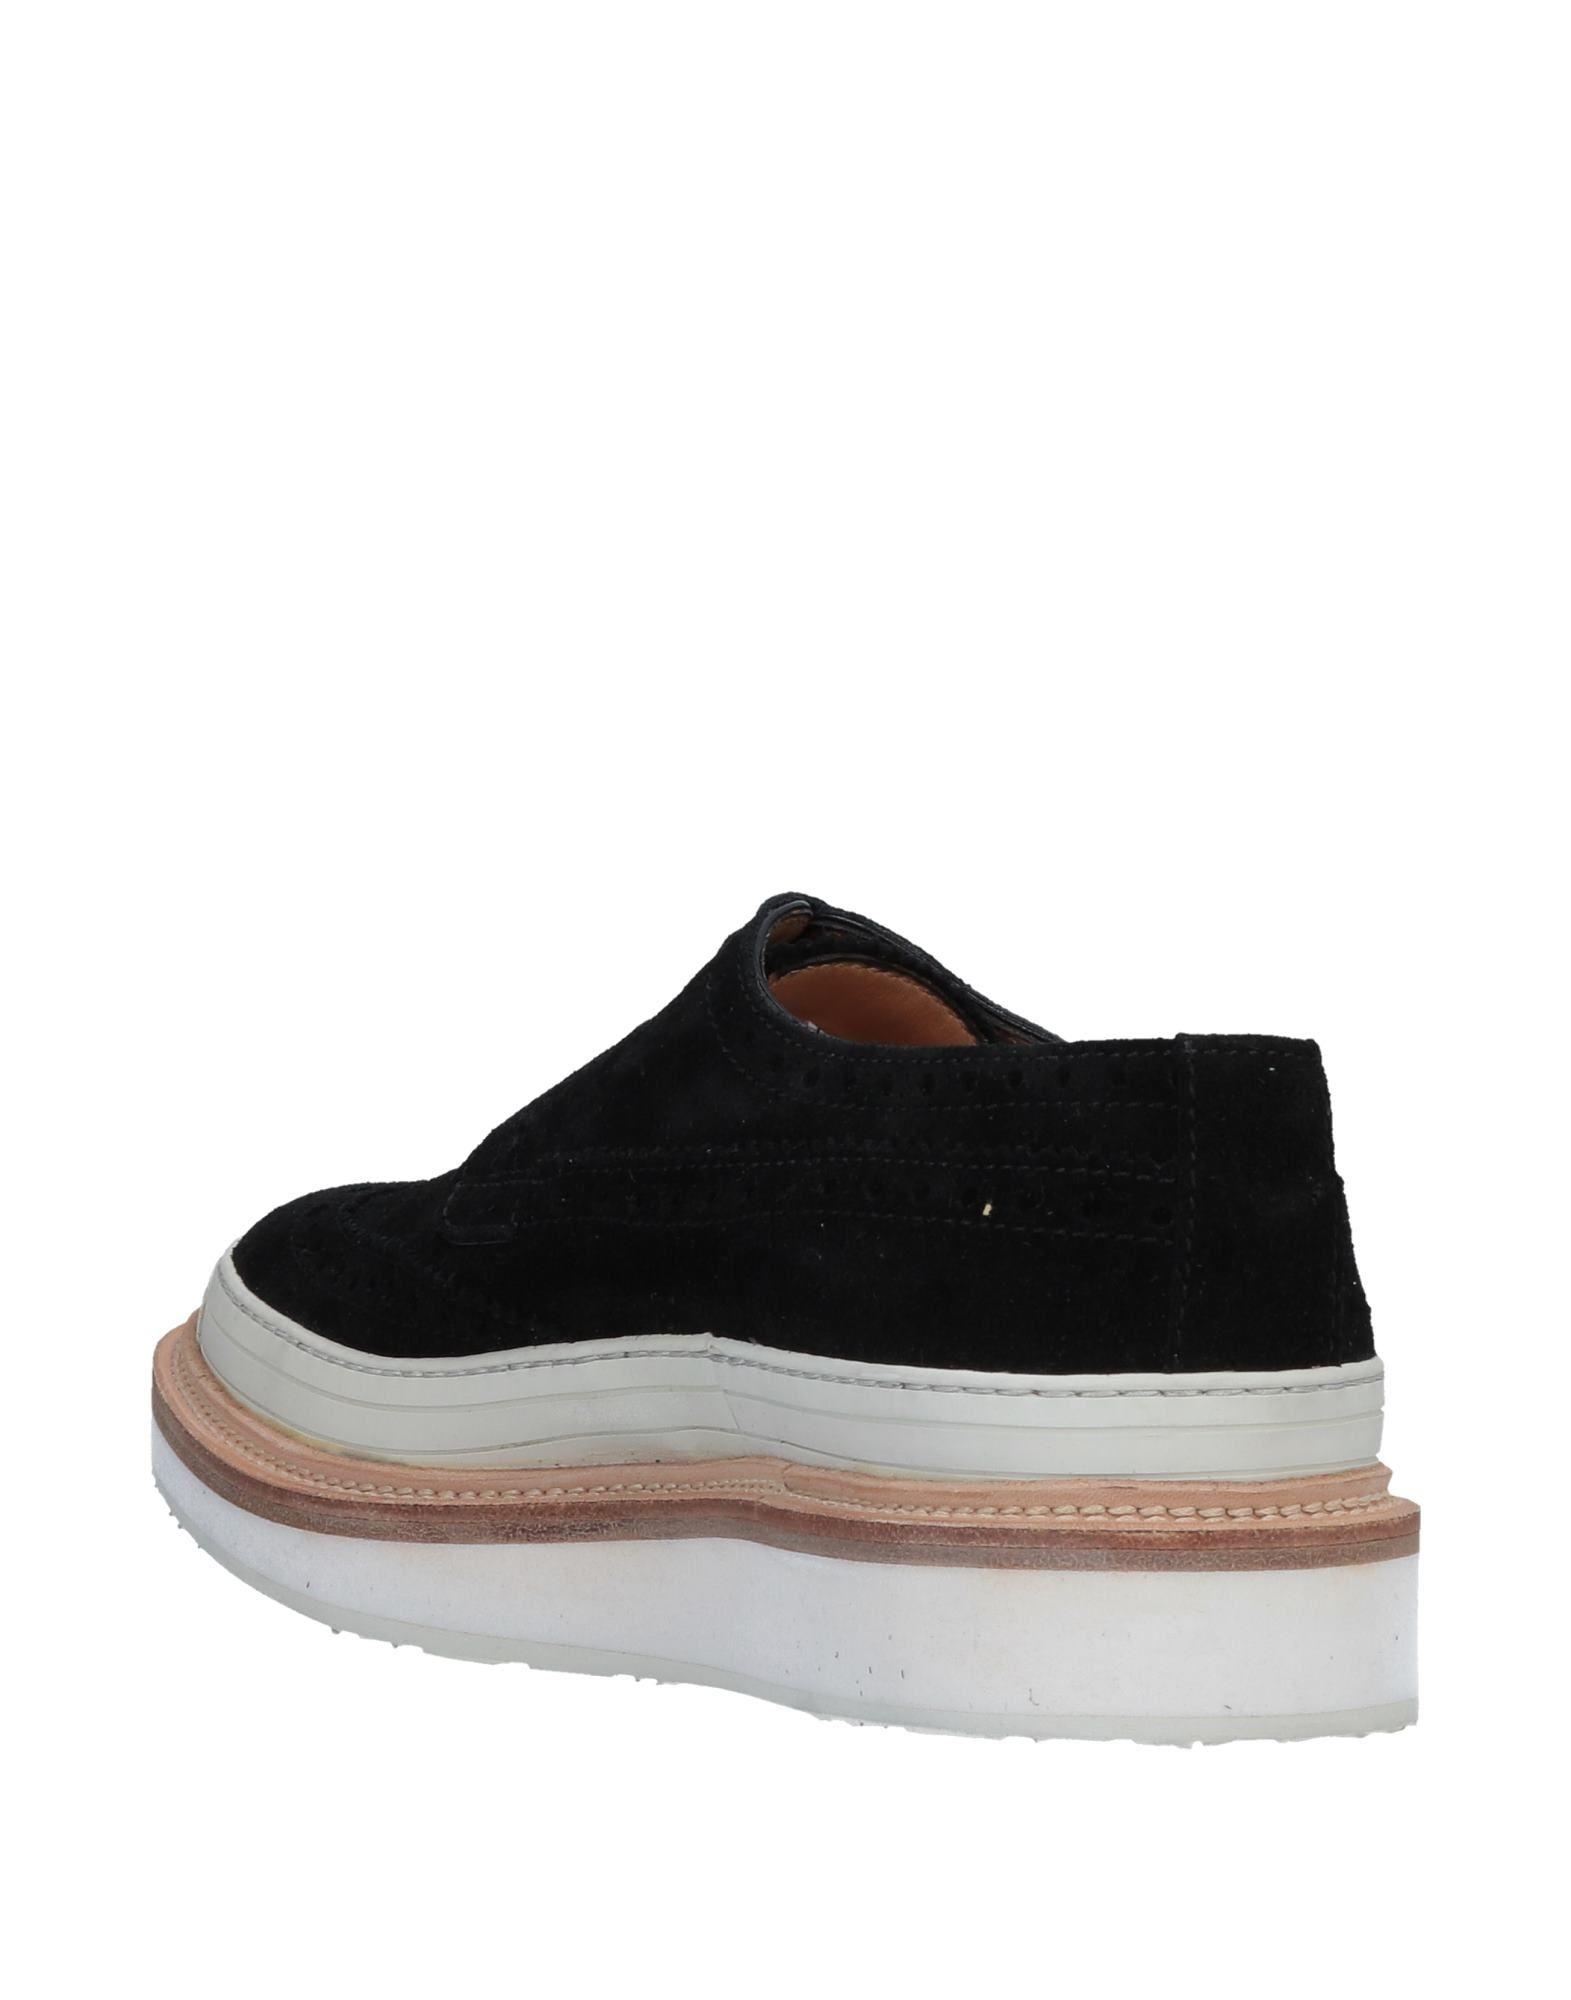 Stilvolle billige Schuhe Whf Damen Weber Hodel Feder Schnürschuhe Damen Whf  11511048QU a036fd